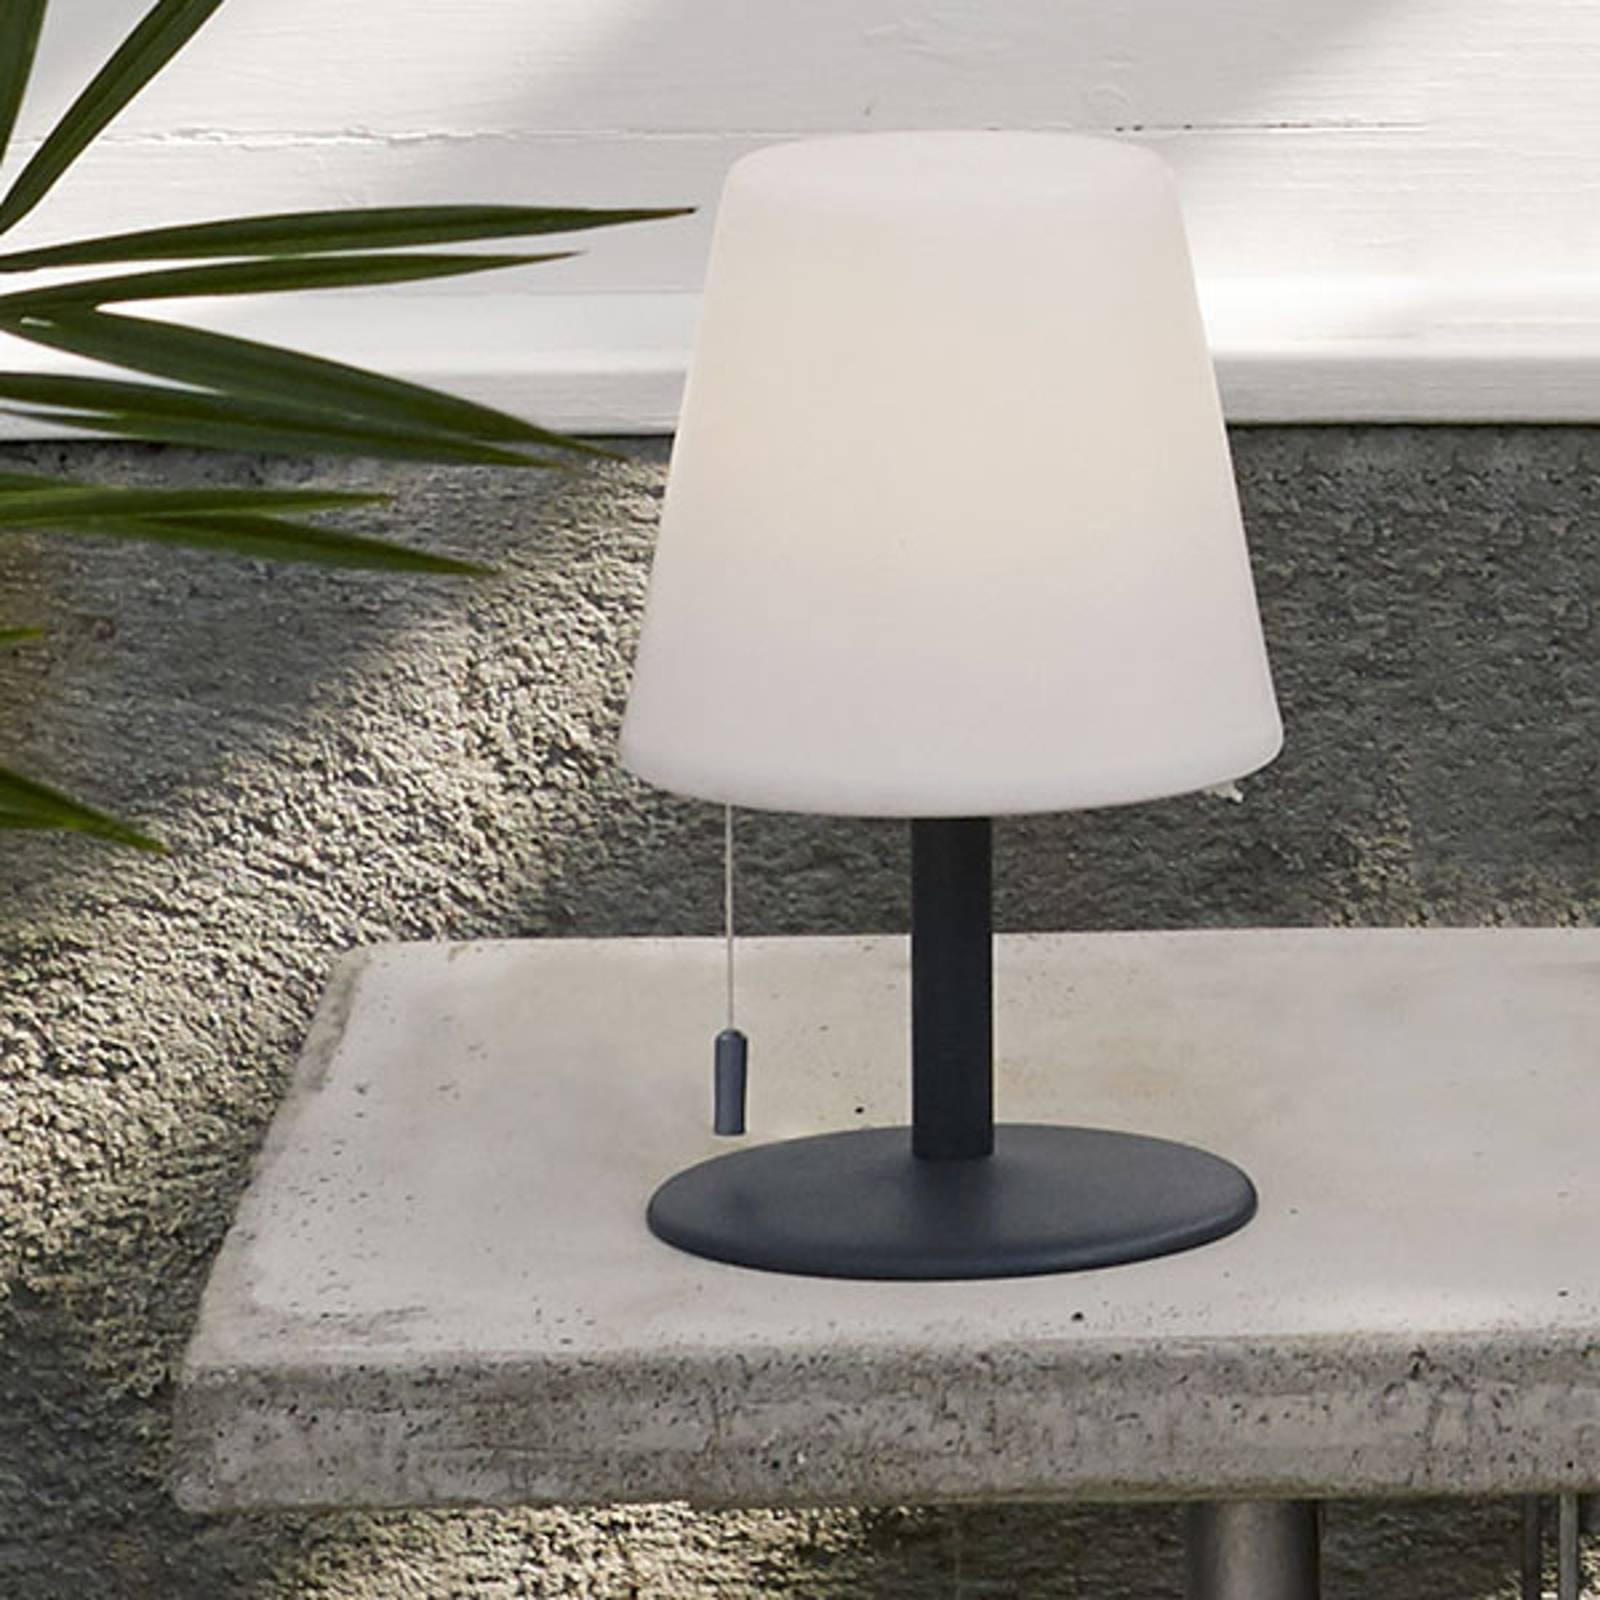 Gardenlight Kreta -LED-pöytävalaisin, akku, 26,5cm